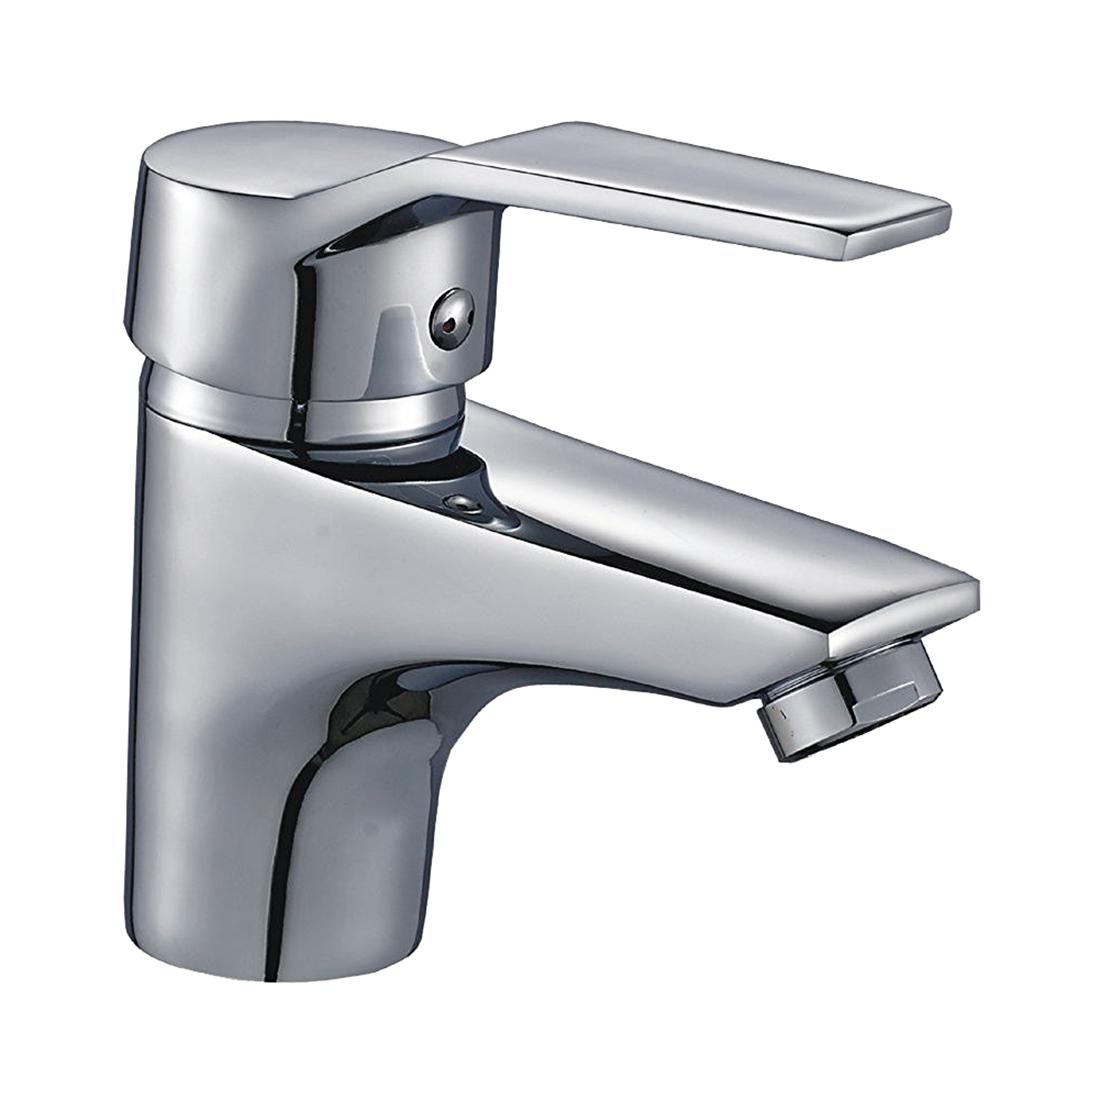 design einhebel wasserhahn armatur waschtischarmatur einhandmischer n6u6 ebay. Black Bedroom Furniture Sets. Home Design Ideas